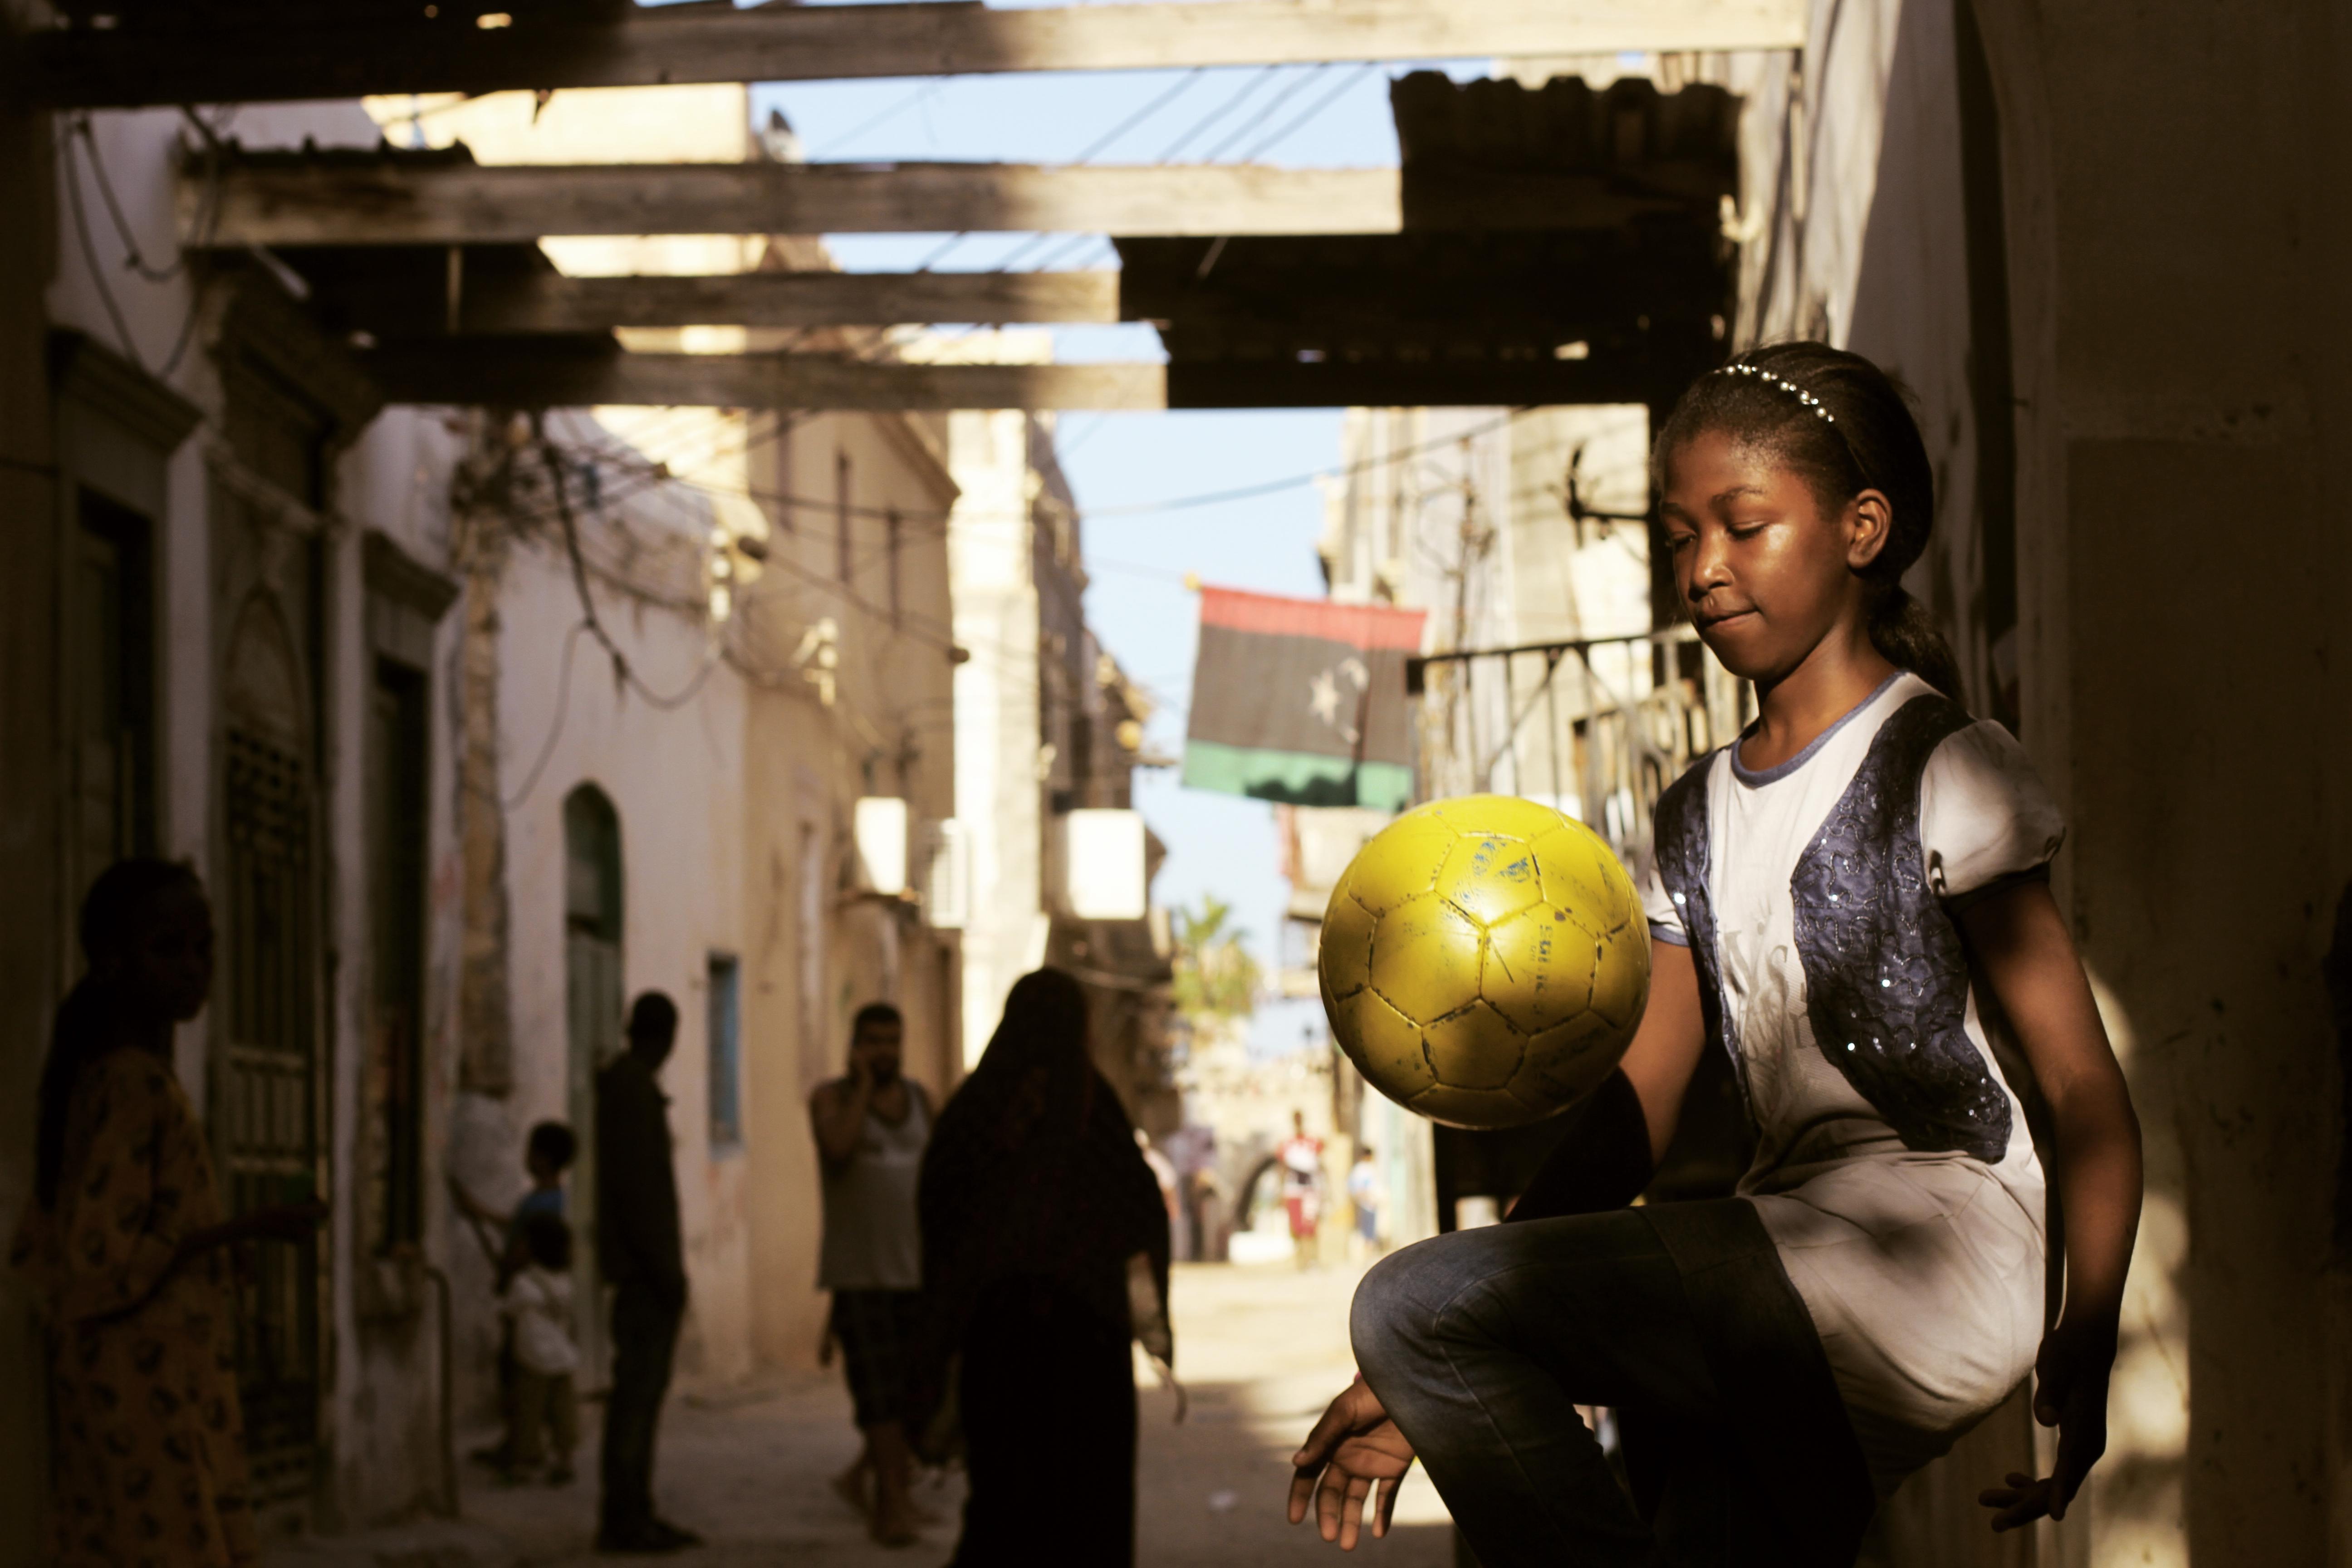 """In ihrer Dokumentation """"Freedom Fields"""" begleitet Regisseurin Naziha Arebi das Leben von drei Spielerinnen der libyschen Frauenfußball-Nationalmannschaft über mehrere Jahre, zwischen Hoffnung, Angst und dem Kampf um Akzeptanz. ©ALFILM"""